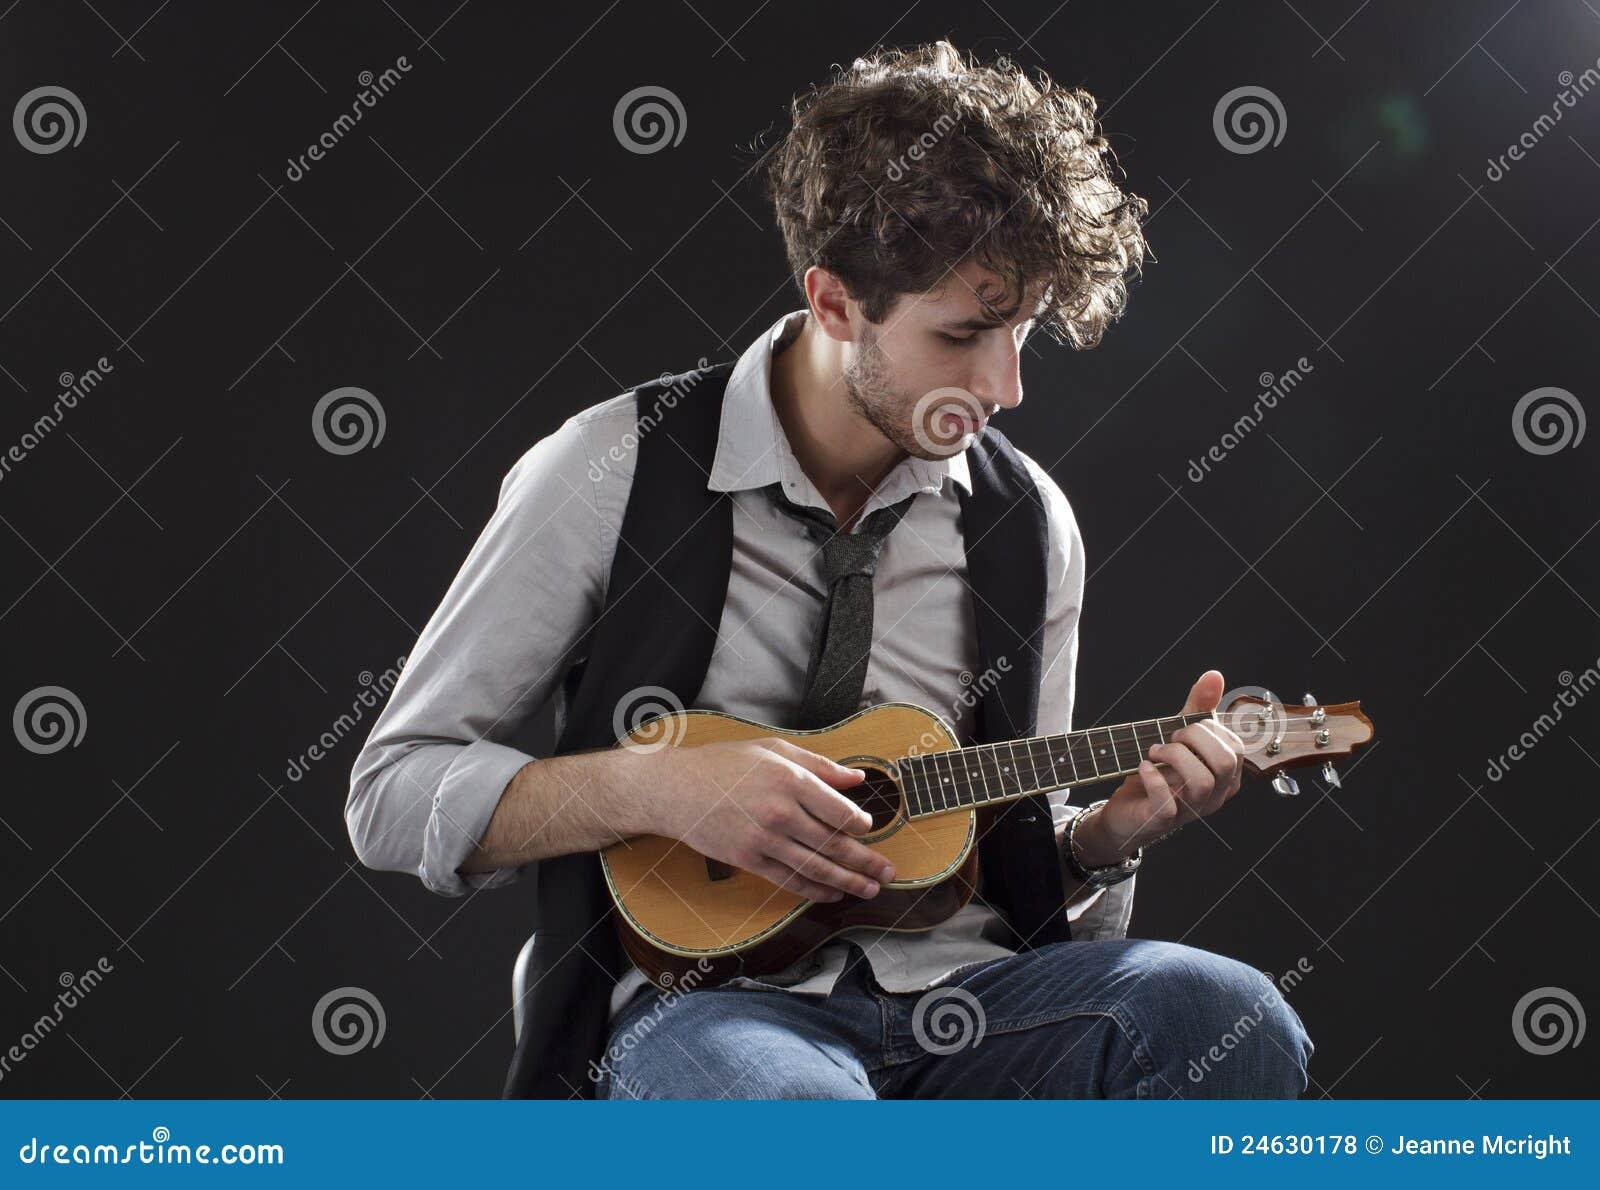 Young Man Playing A Ukulele Stock Photo - Image: 24630178